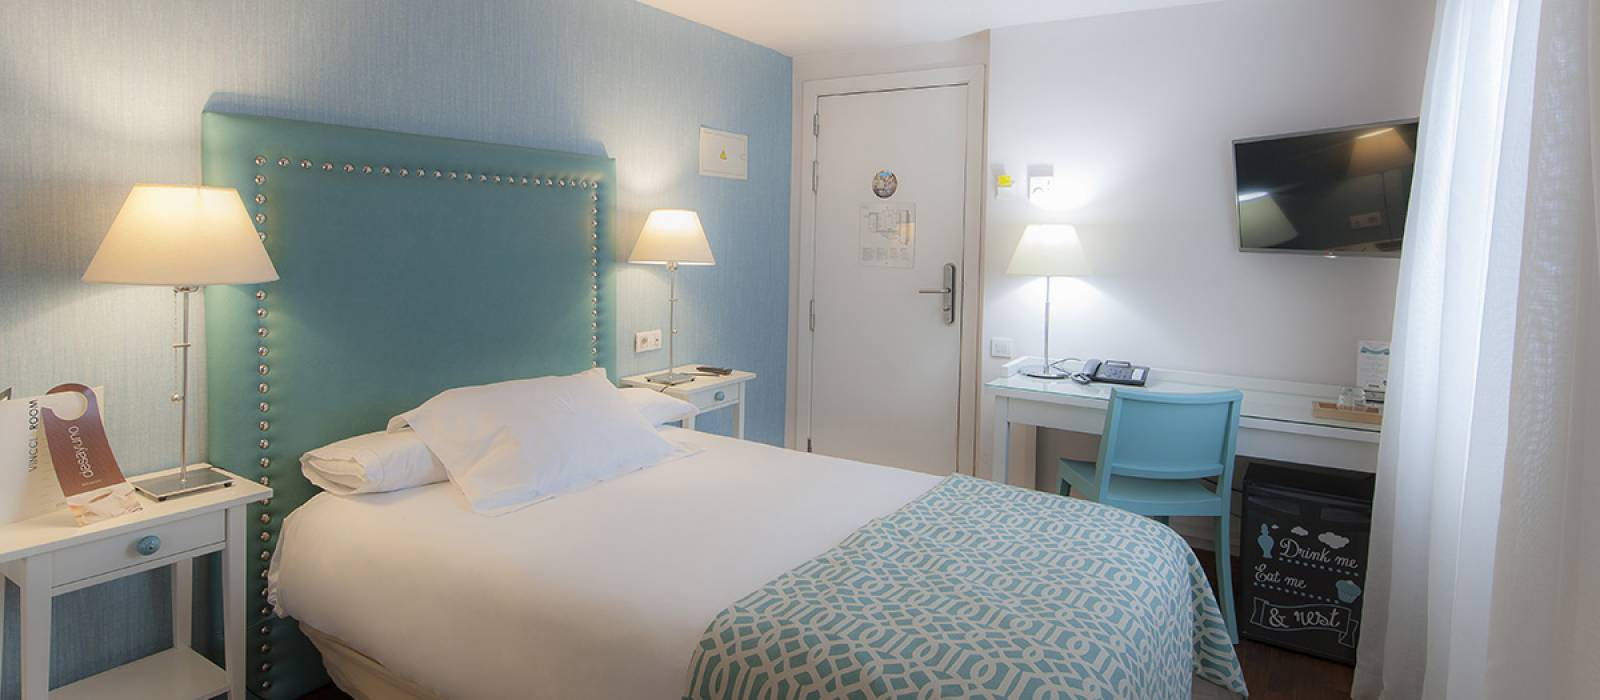 Soma Zimmer Hotel Vincci Madrid - Vincci Einzelzimmer